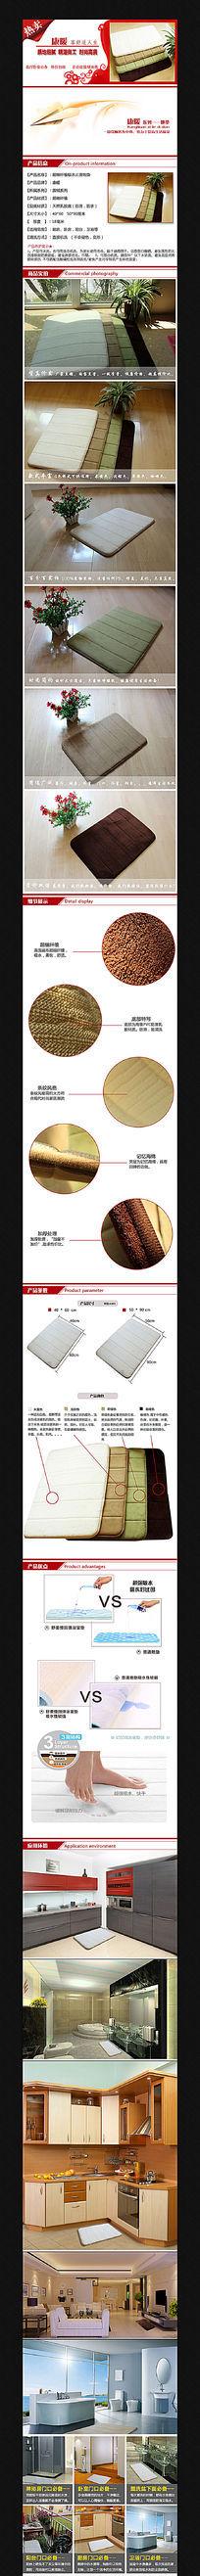 淘宝地毯详情页描述图